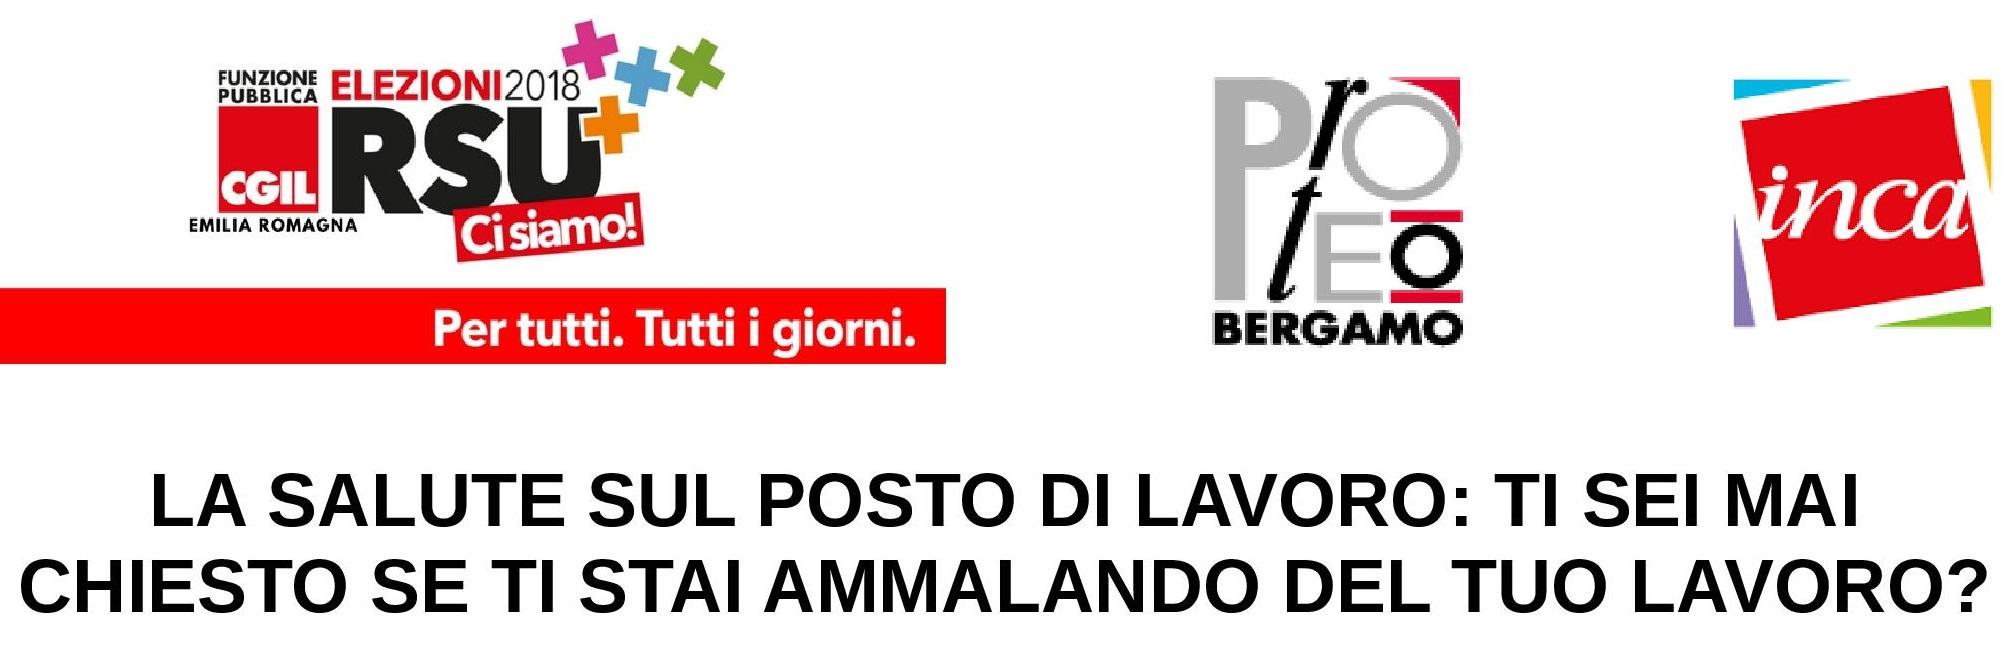 Corso ECM Modena - 7 marzo 2018